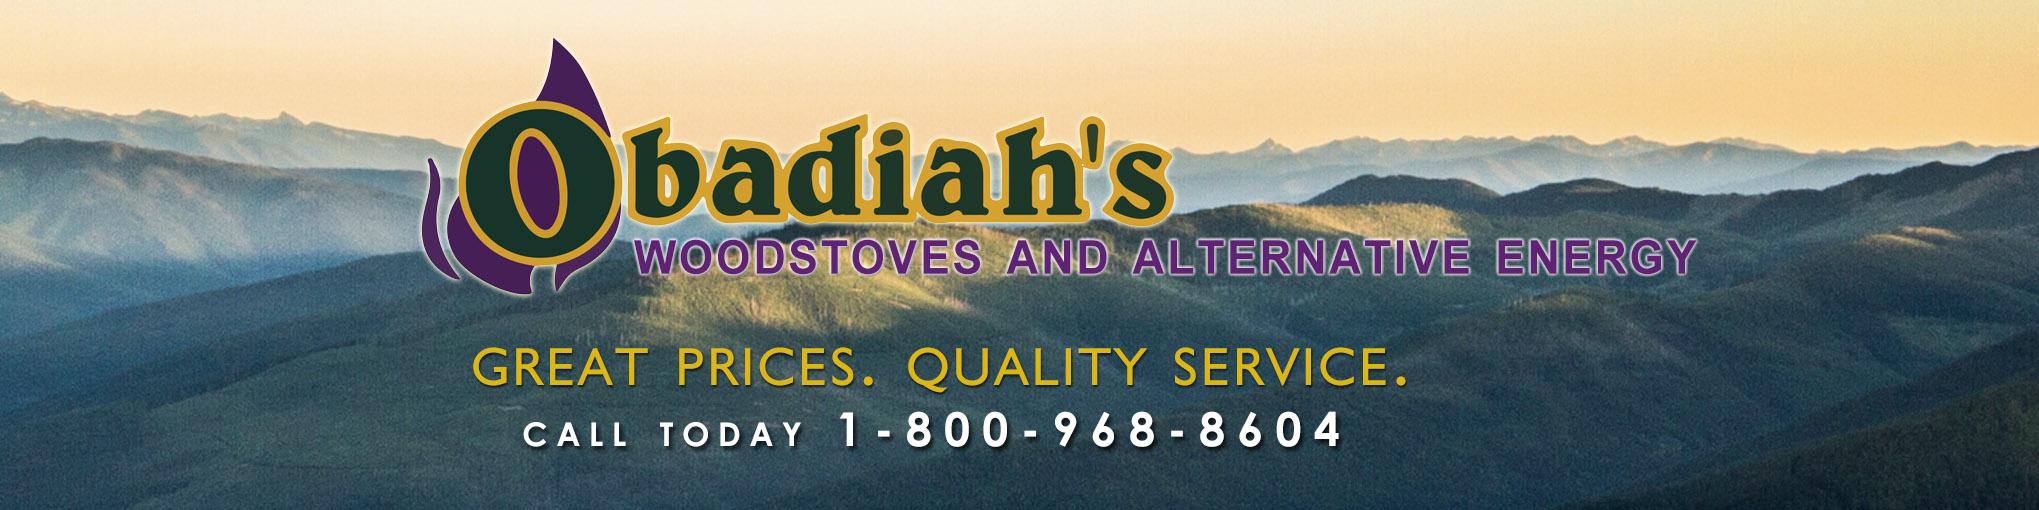 Obadiah's Woodstoves